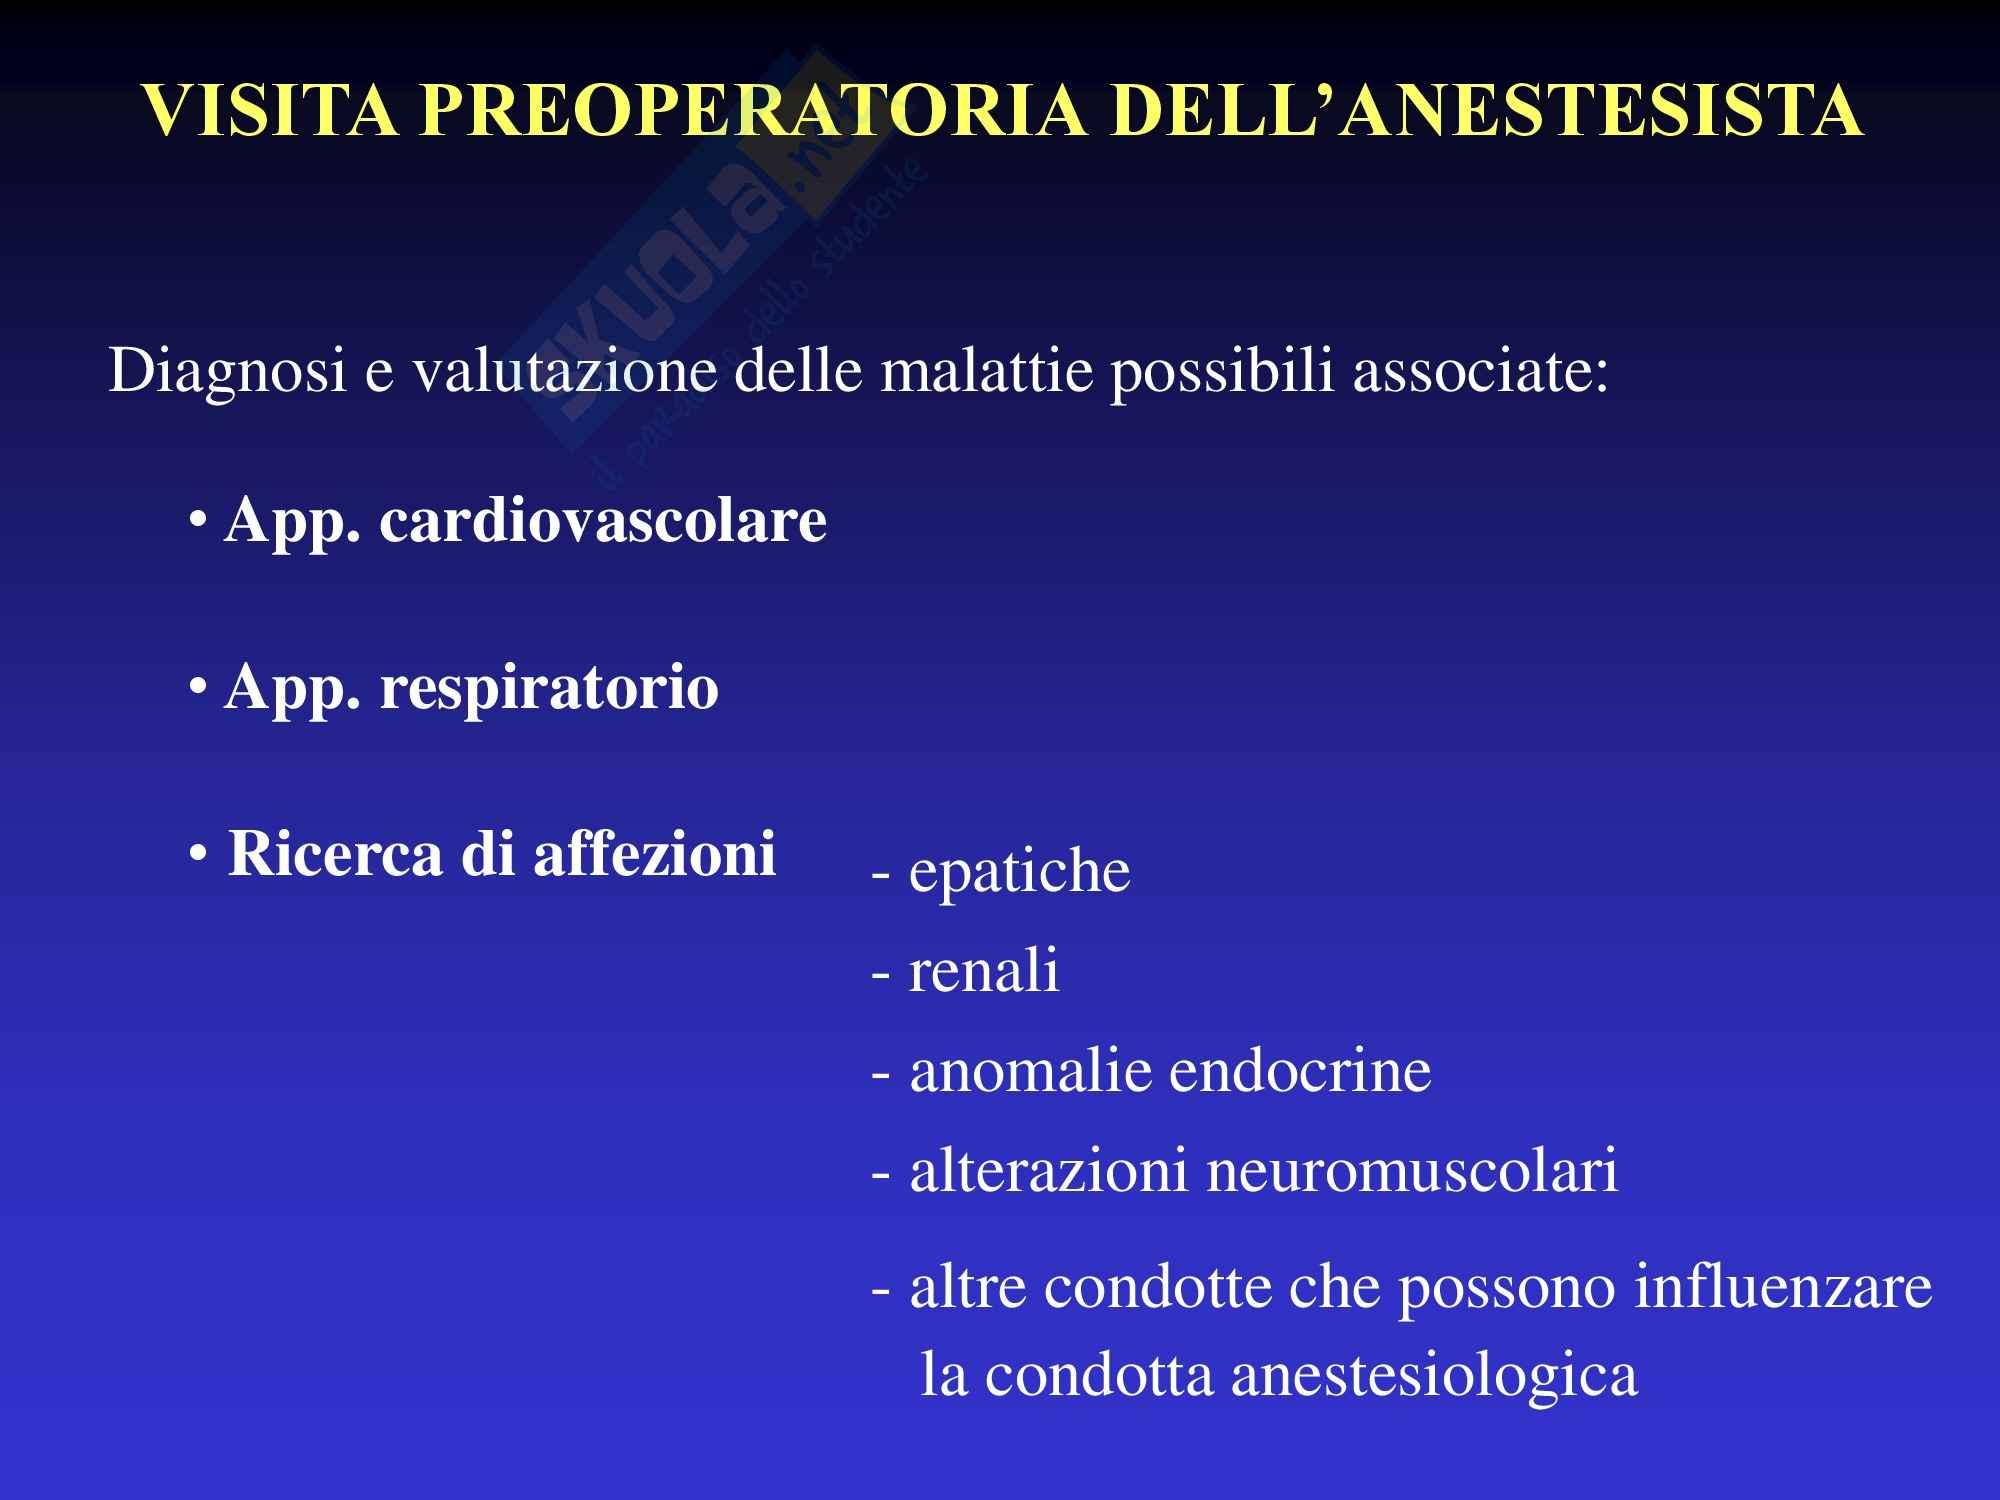 Anestesia - Appunti